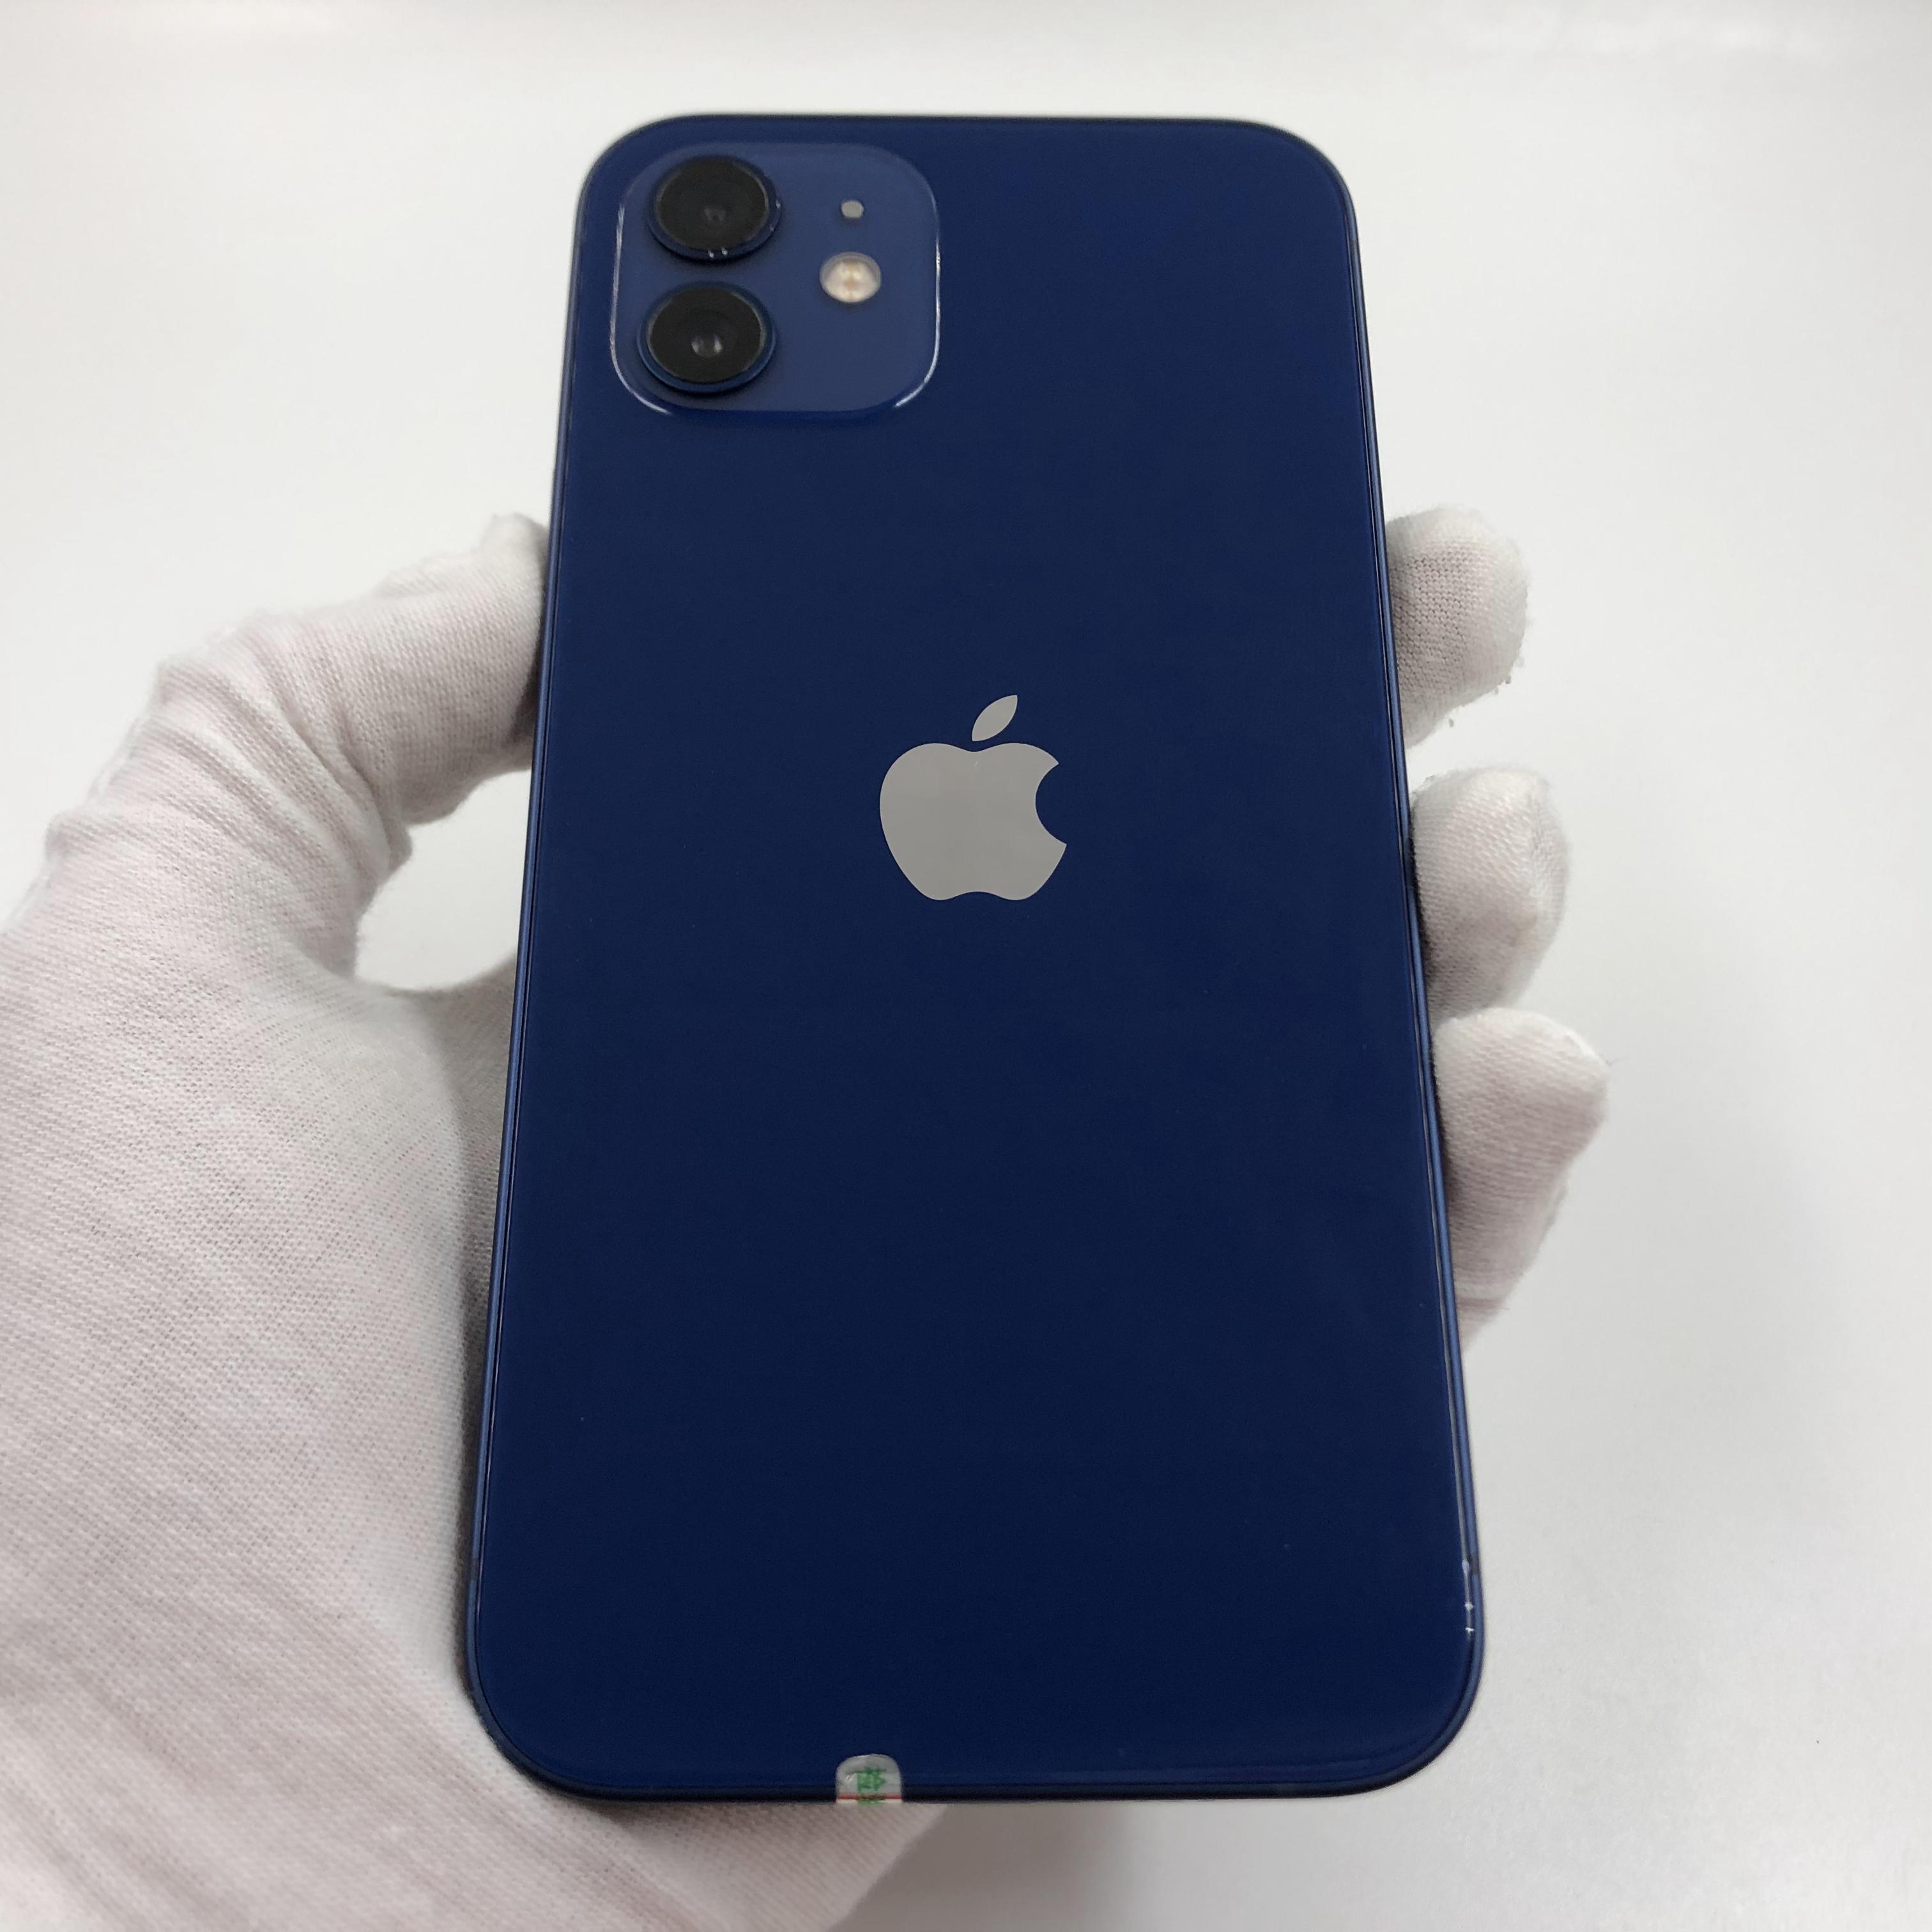 苹果【iPhone 12】5G全网通 蓝色 256G 国行 95新 真机实拍官保2021-12-13